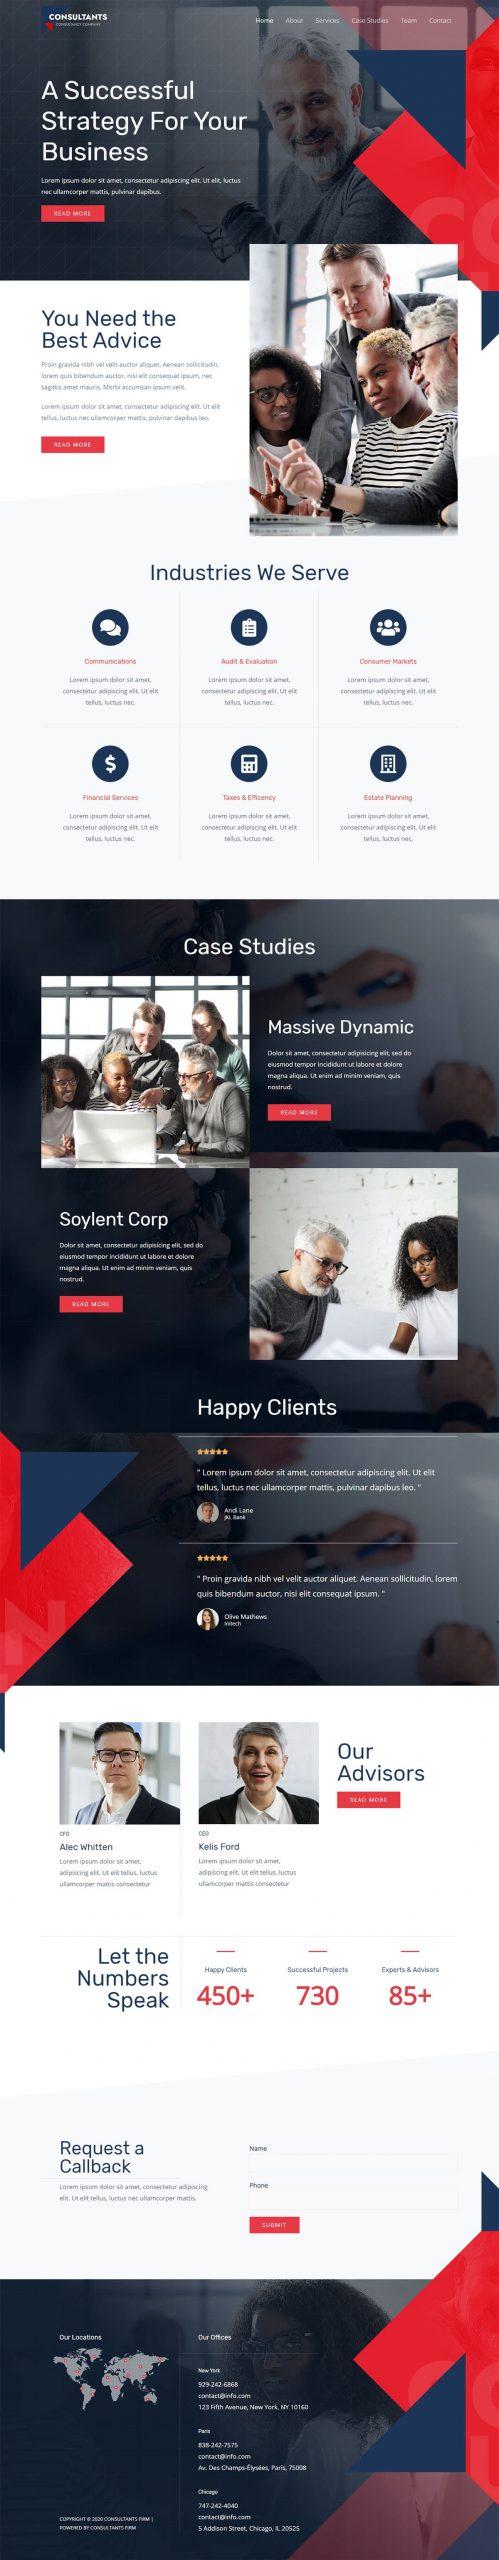 Adamo Web Design | Web Design Durham | consultant firm 04 scaled